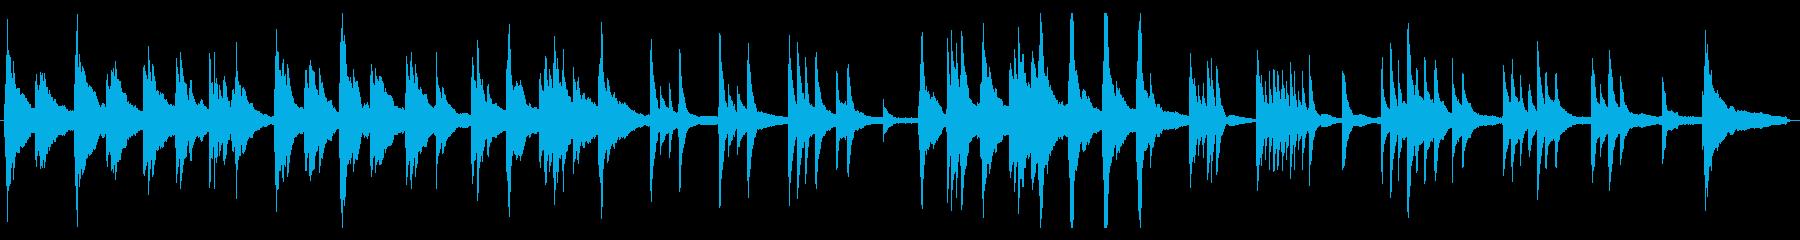 生ピアノの静かな曲の再生済みの波形